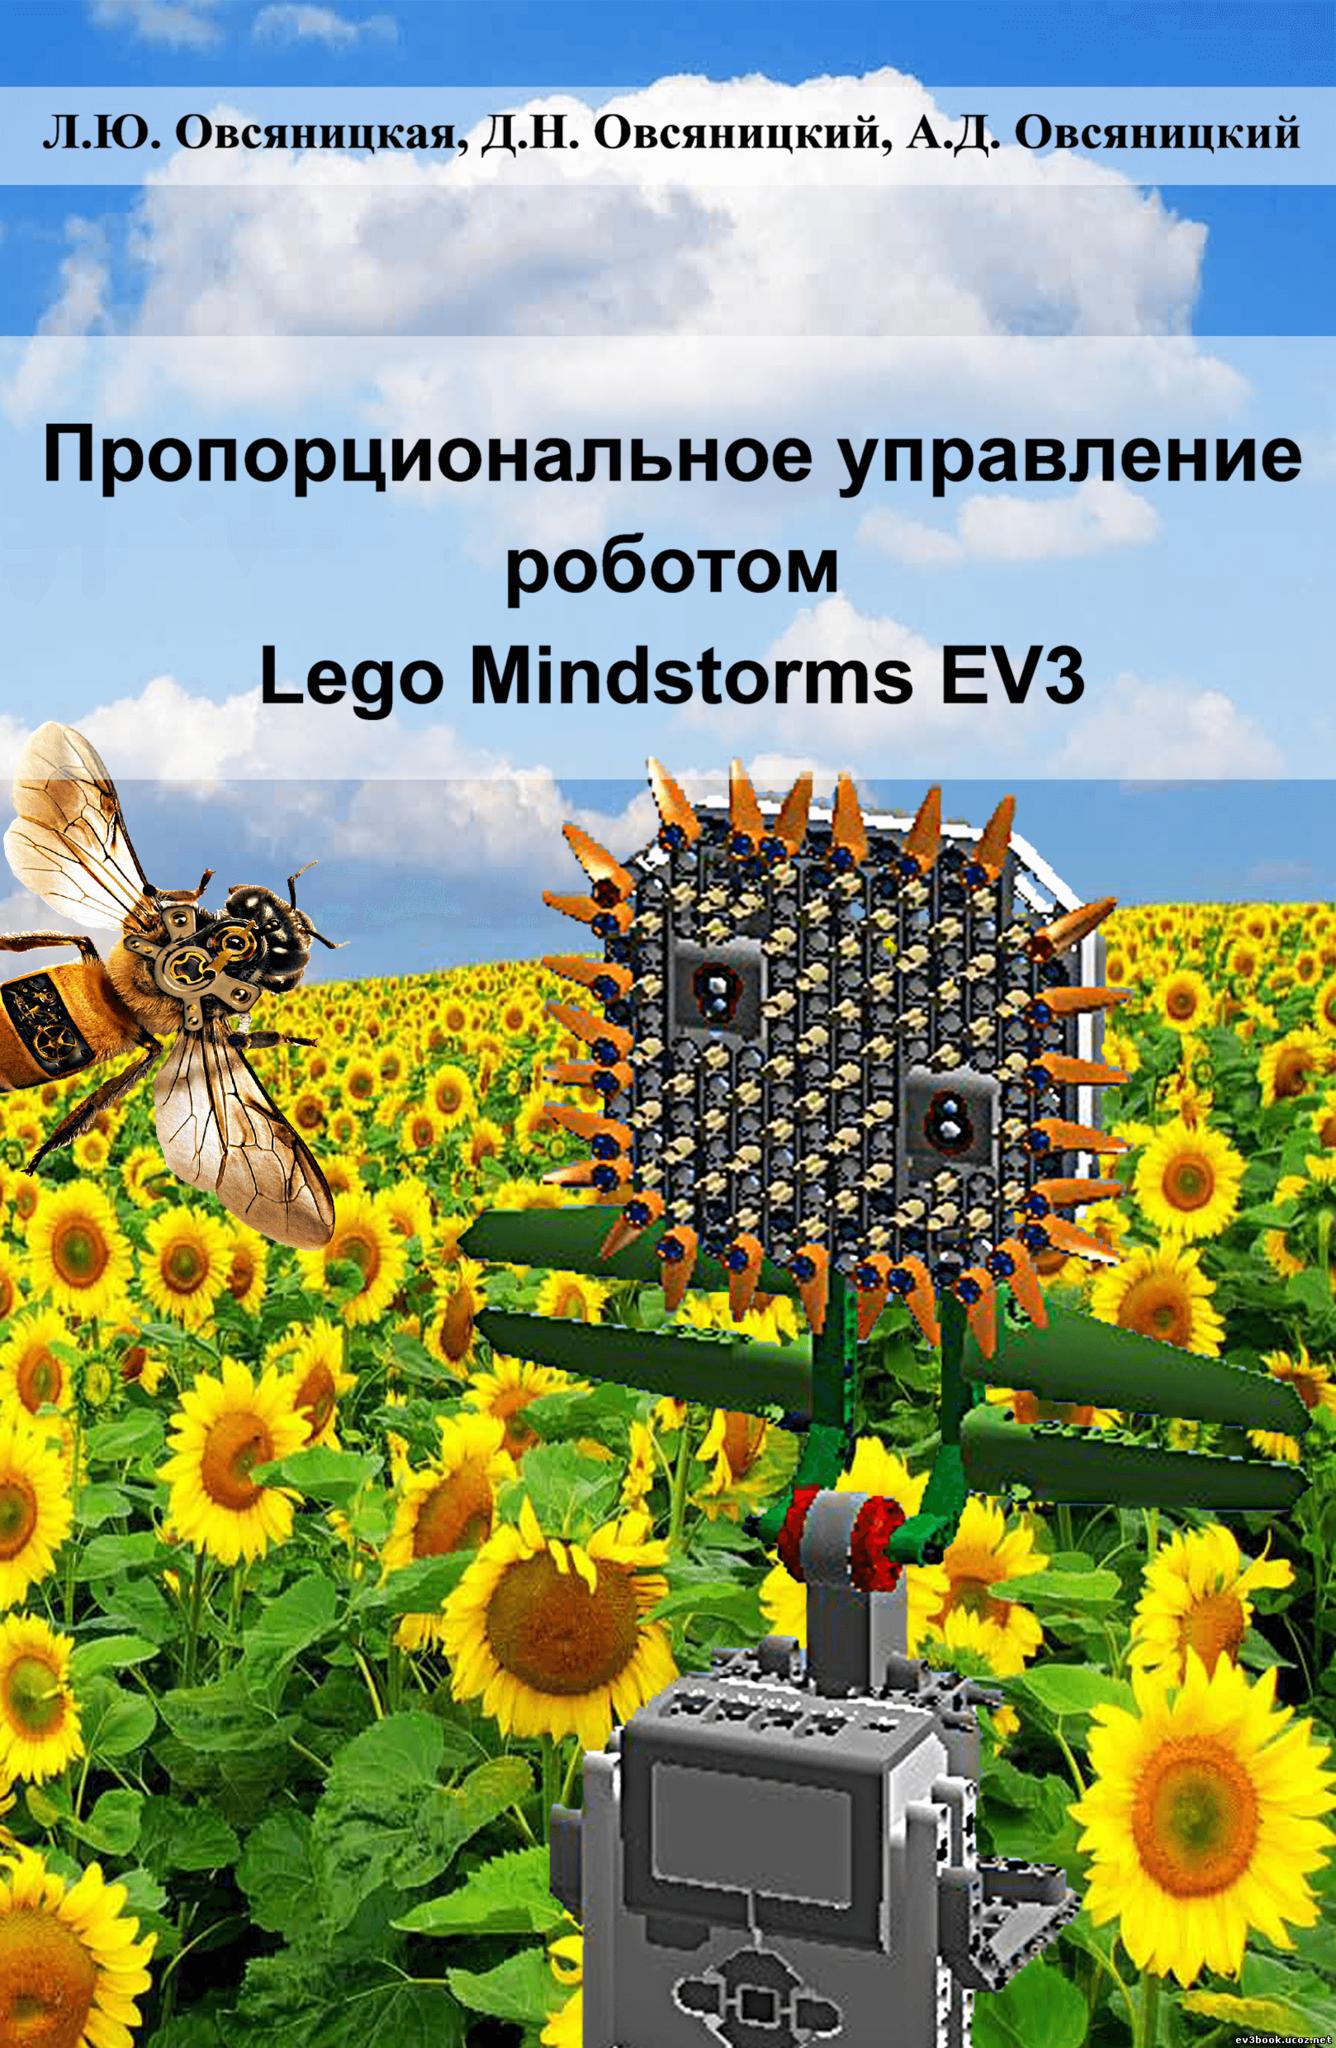 Пропорциональное управление роботом Lego Mindstorms EV3 mindstorms ev3 lego